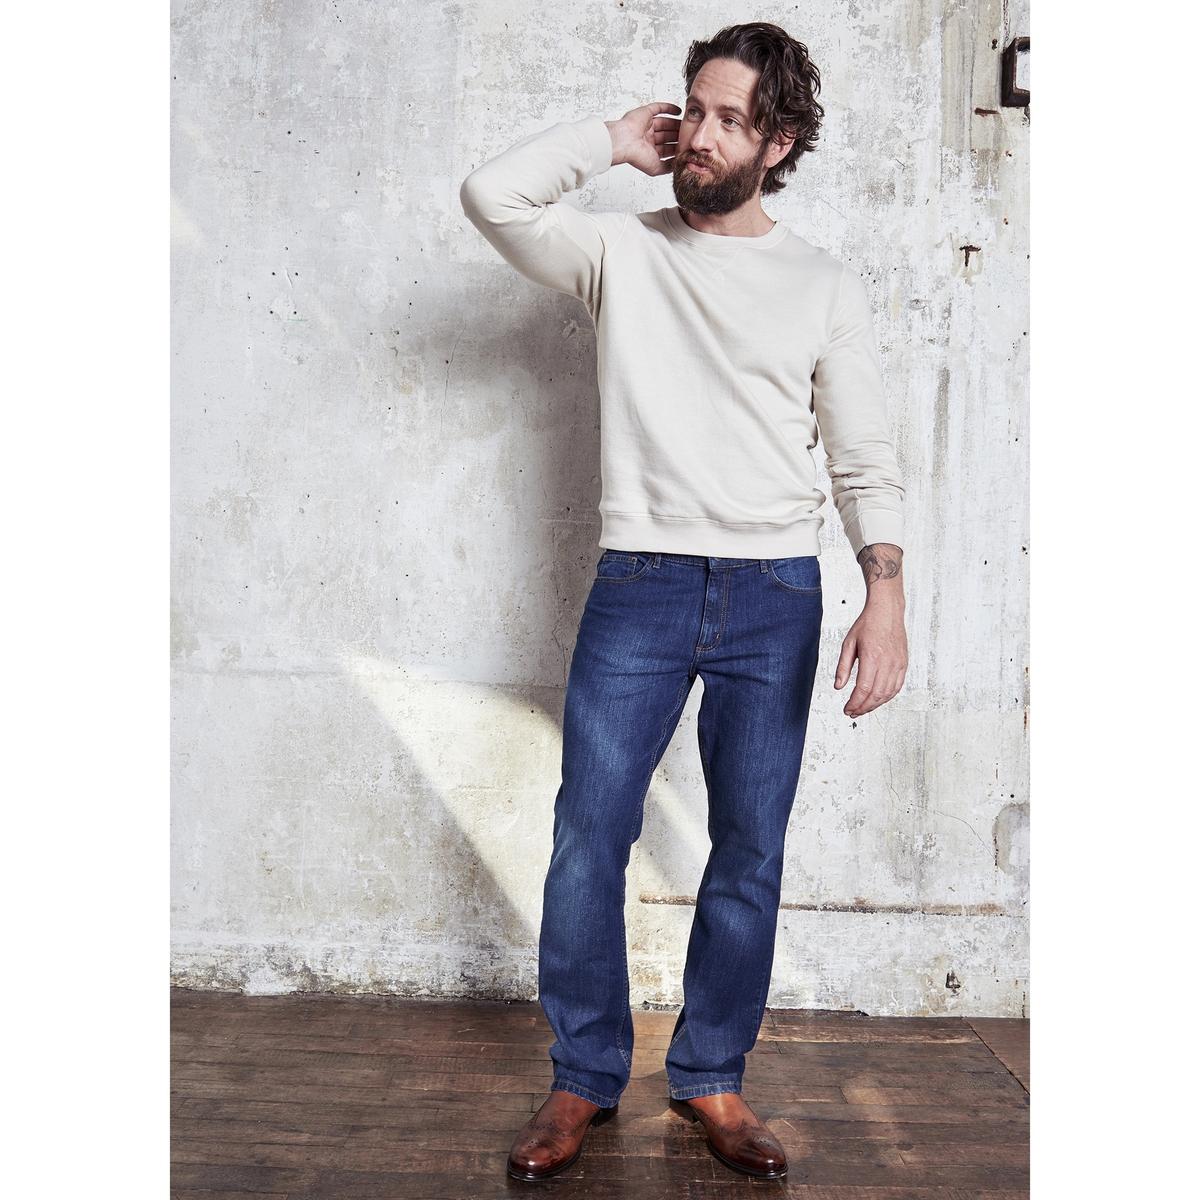 Jeans DANIEL taglio bootcut denim stretch